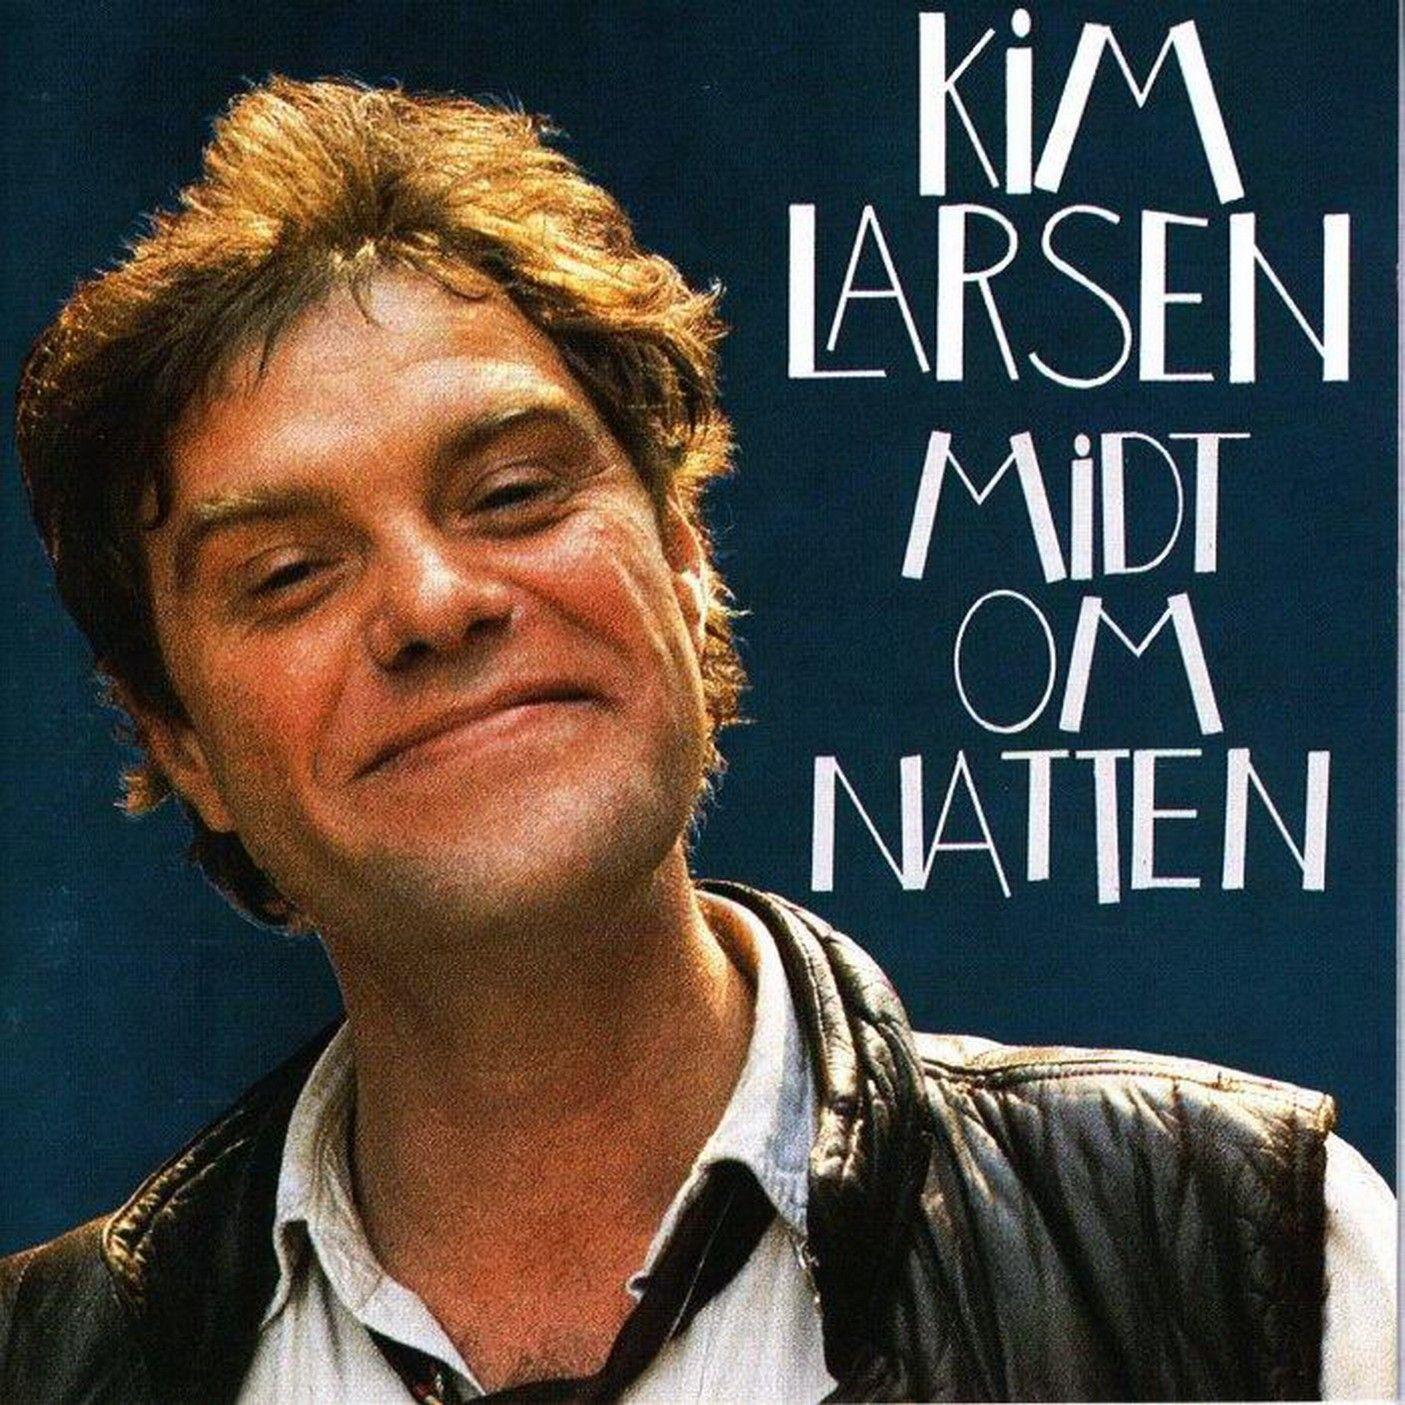 Kim Larsen - Midt Om Natten album cover